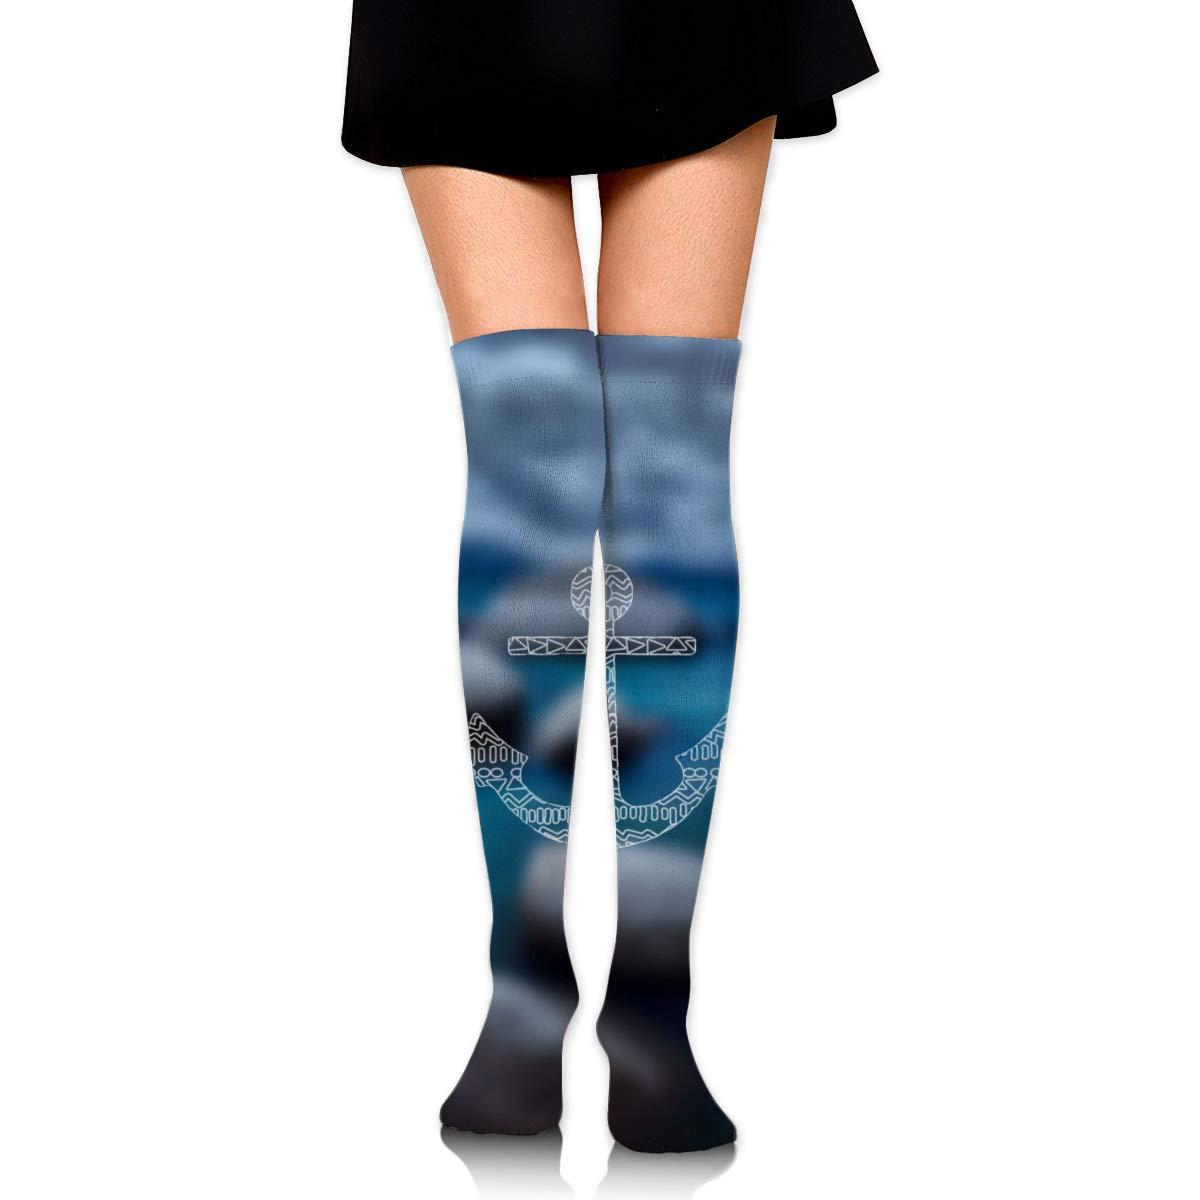 Kjaoi Girl Skirt Socks Uniform White Anchor Women Tube Socks Compression Socks